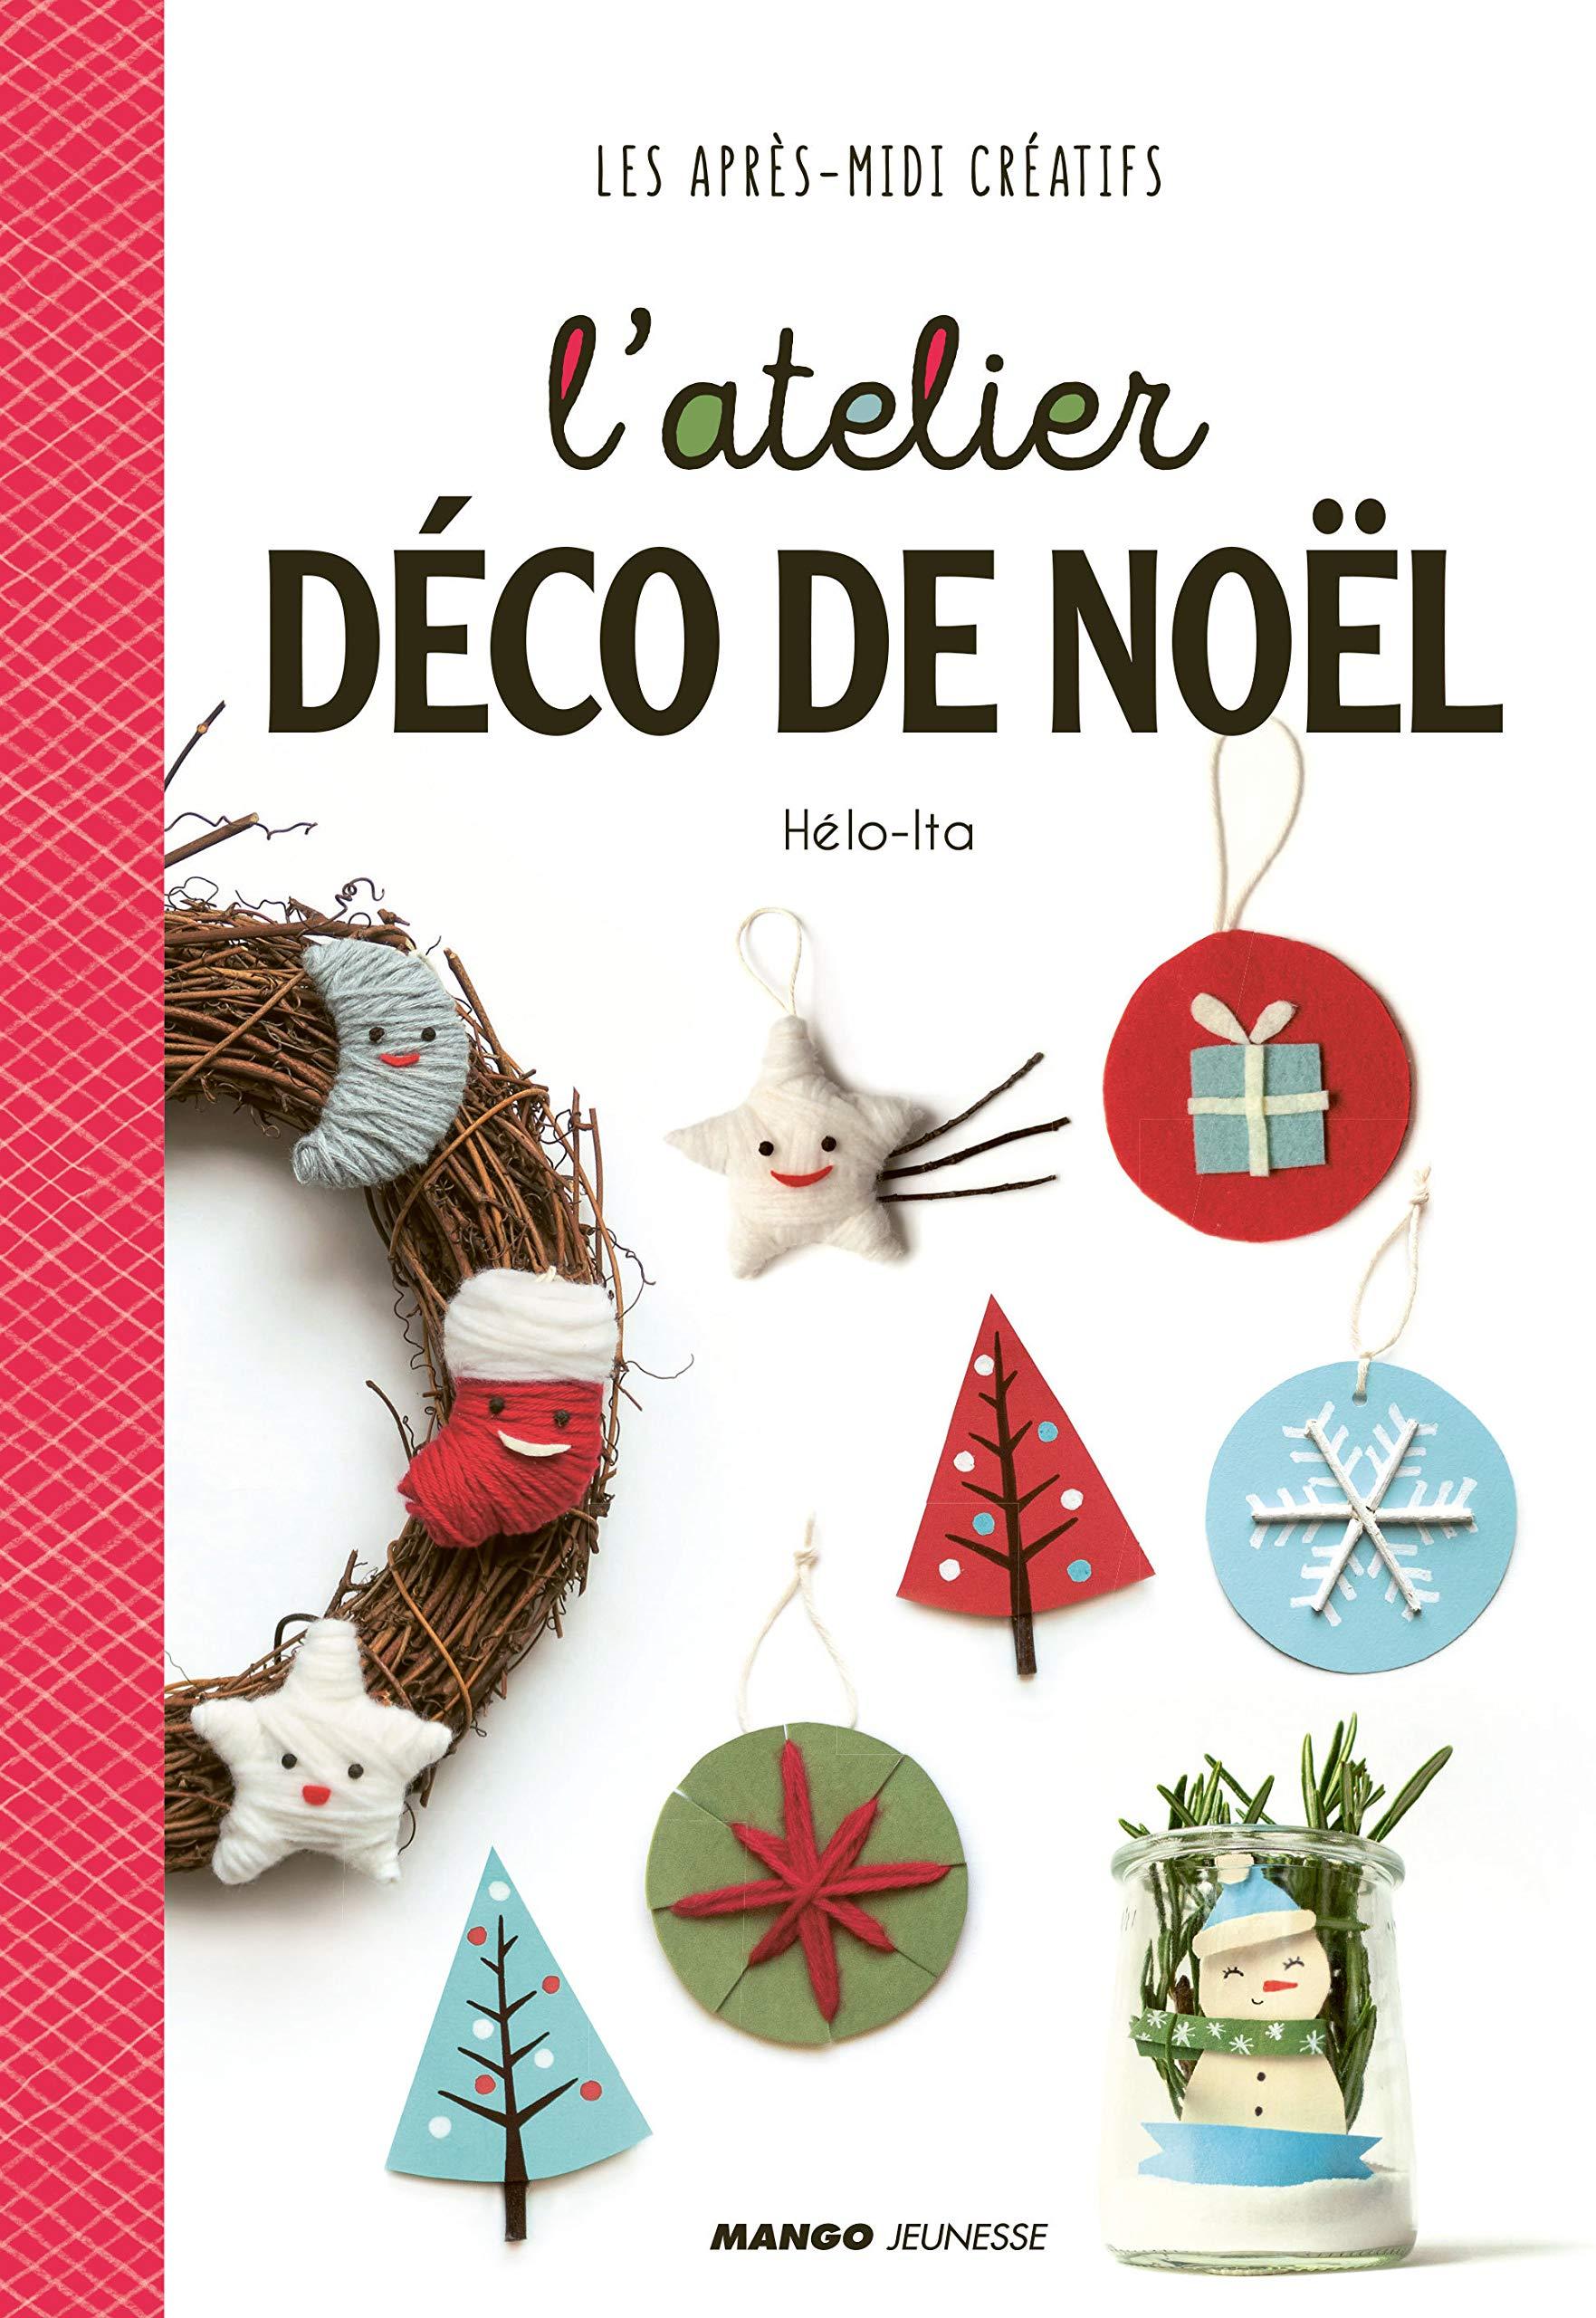 Atelier De Noel L'atelier déco de Noël (LES APRES MIDI CREATIFS) (French Edition